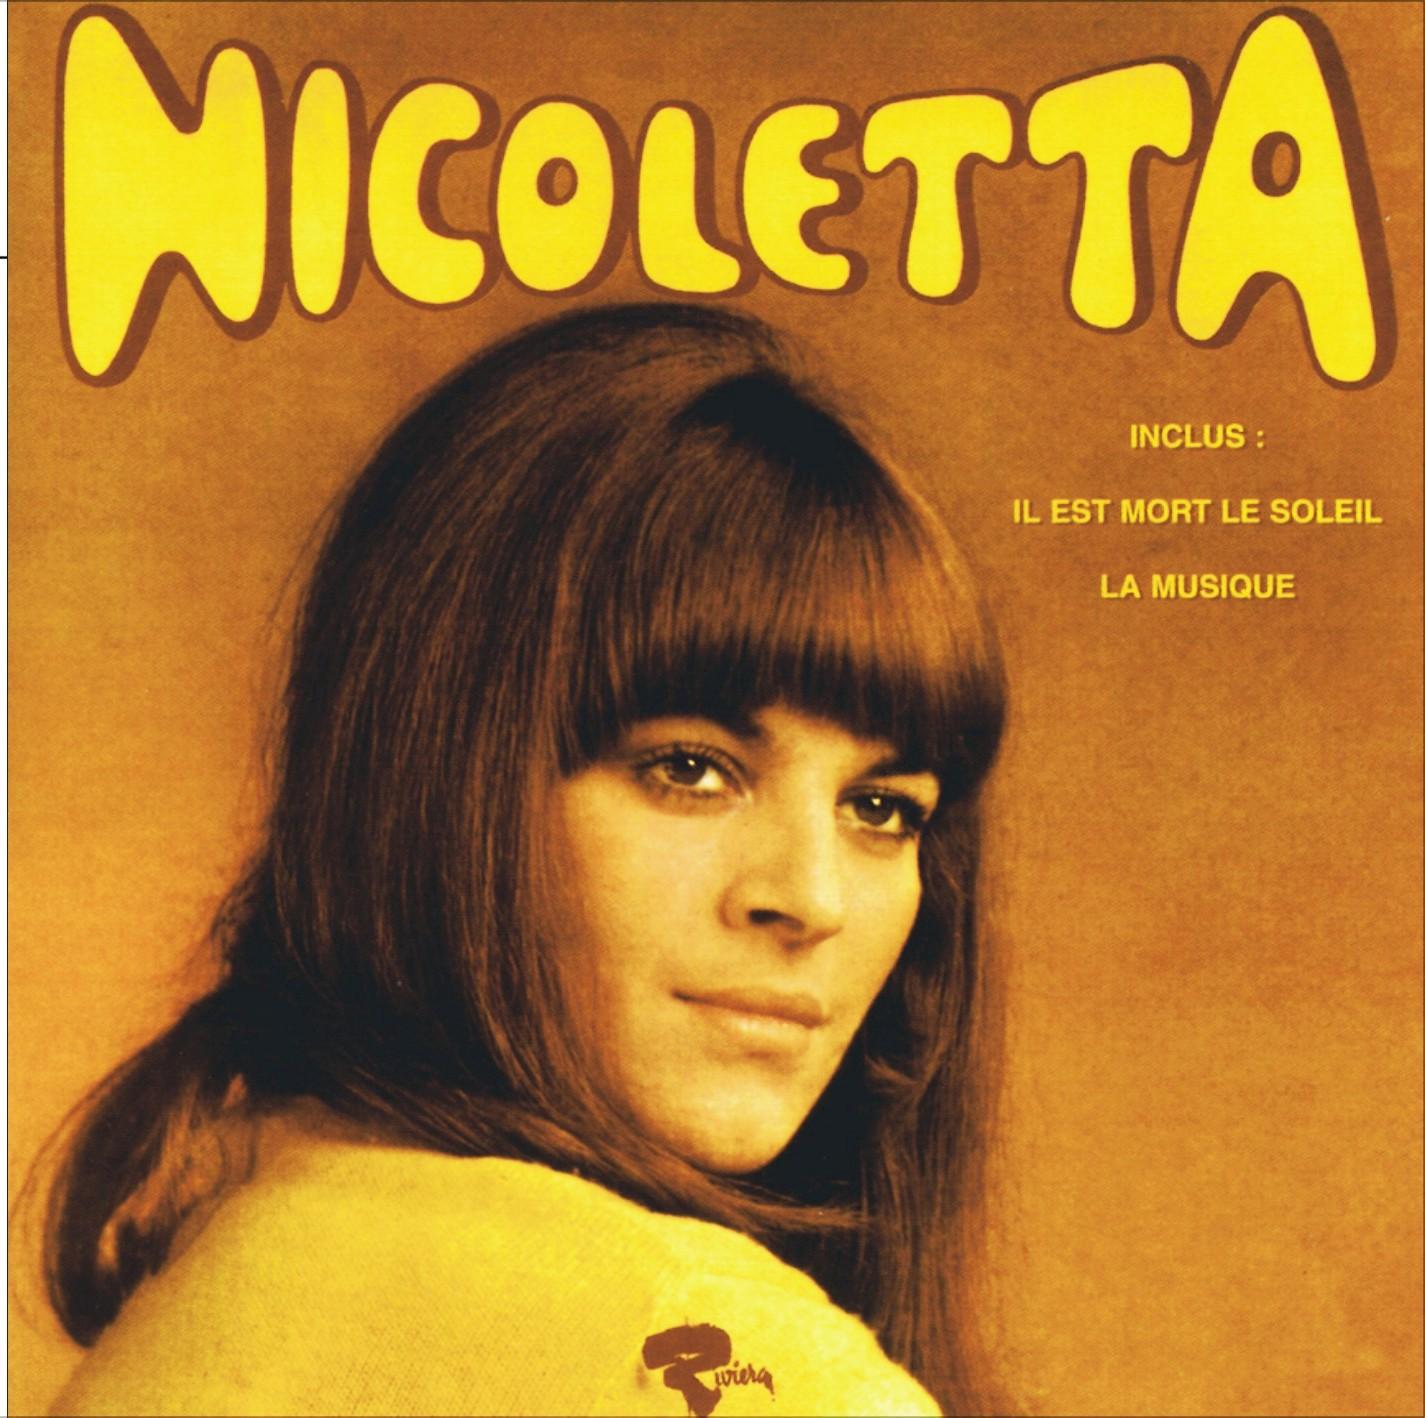 http://1.bp.blogspot.com/-_c-ZTFlzp98/TmftIO7cN9I/AAAAAAAAB3g/0D-1y2dIsIc/s1600/Nicoletta+-+front.jpg